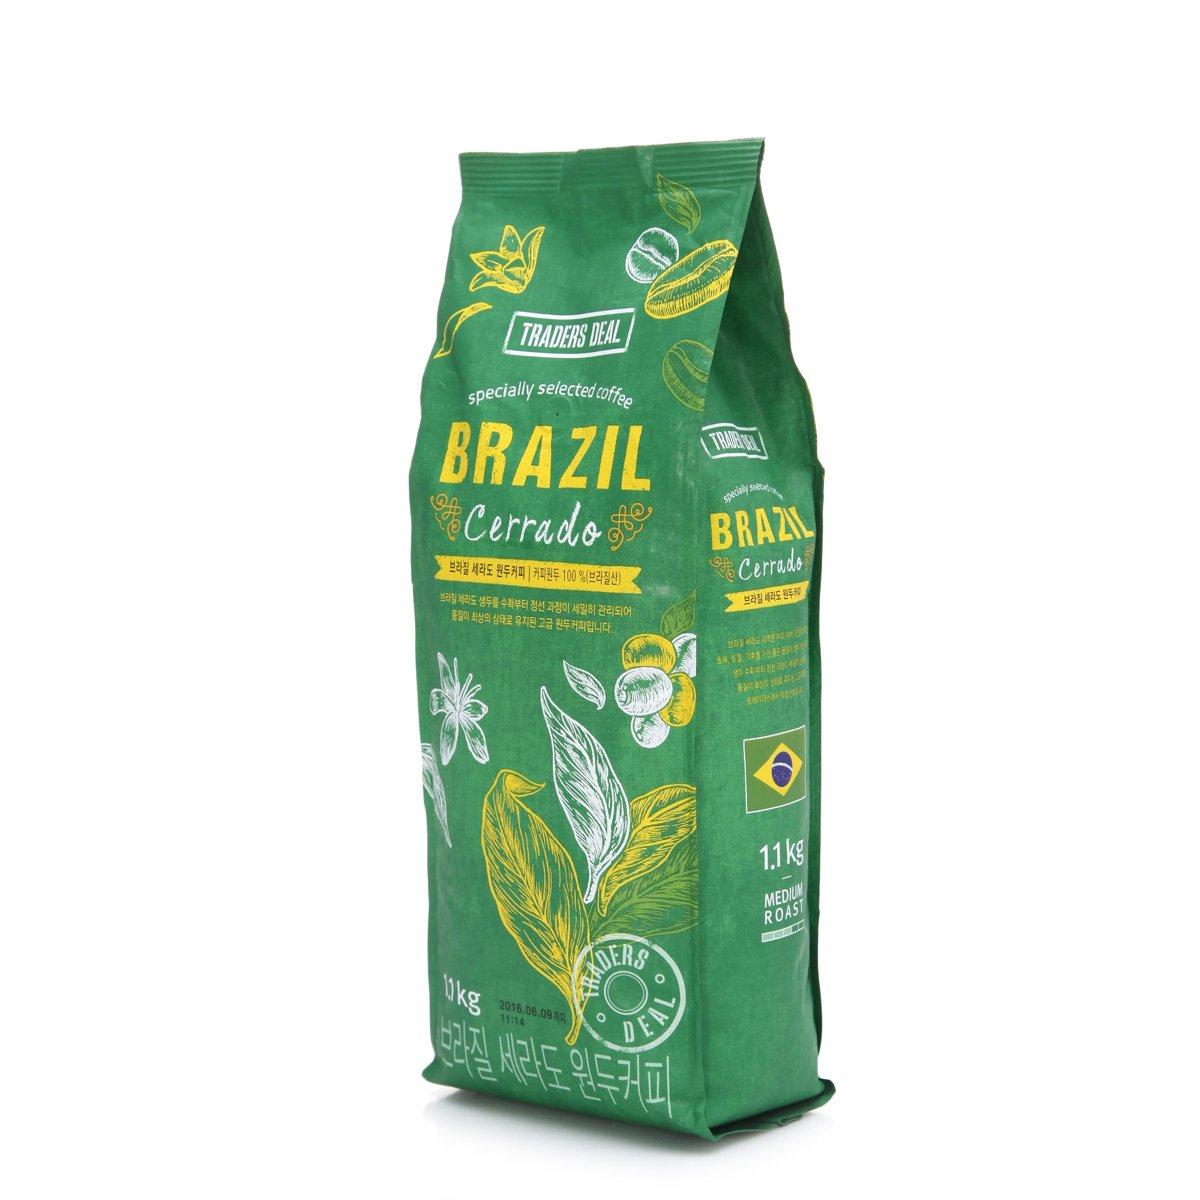 [트레이더스] 브라질 세라도 원두커피 1.1kg